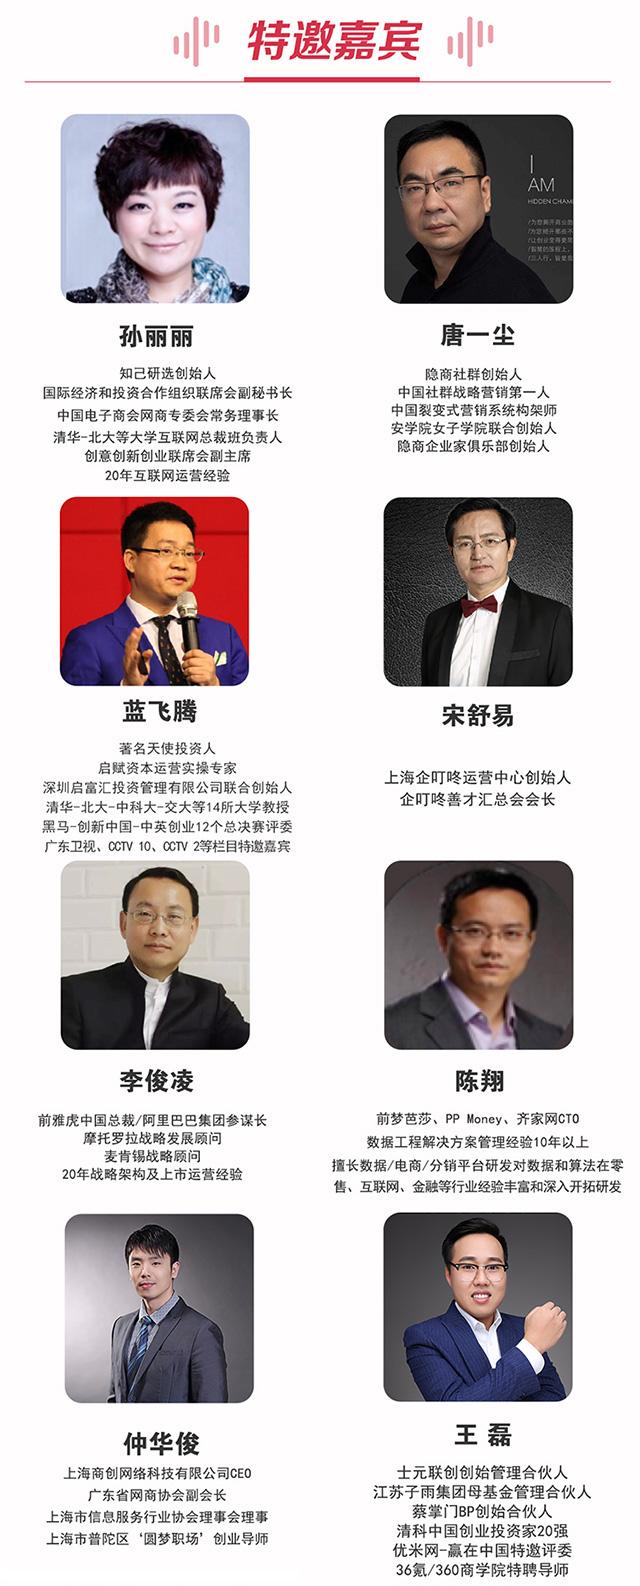 大商创受邀联办2021中国品牌数字化联合发展峰会,限额报名中!